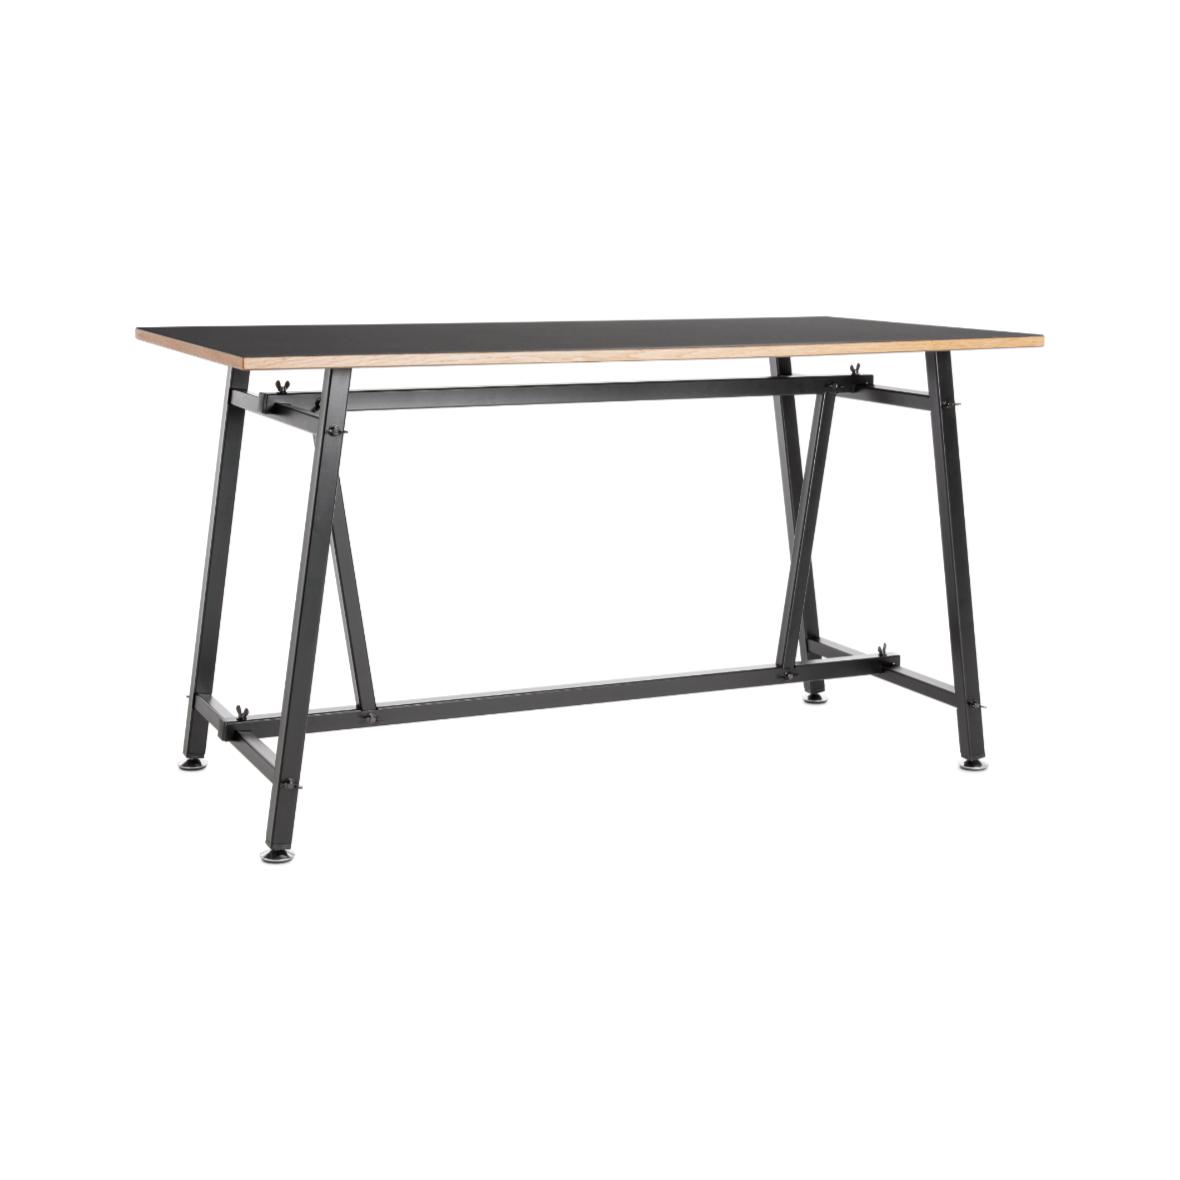 ateliertisch modell 4030 schwarz von embru